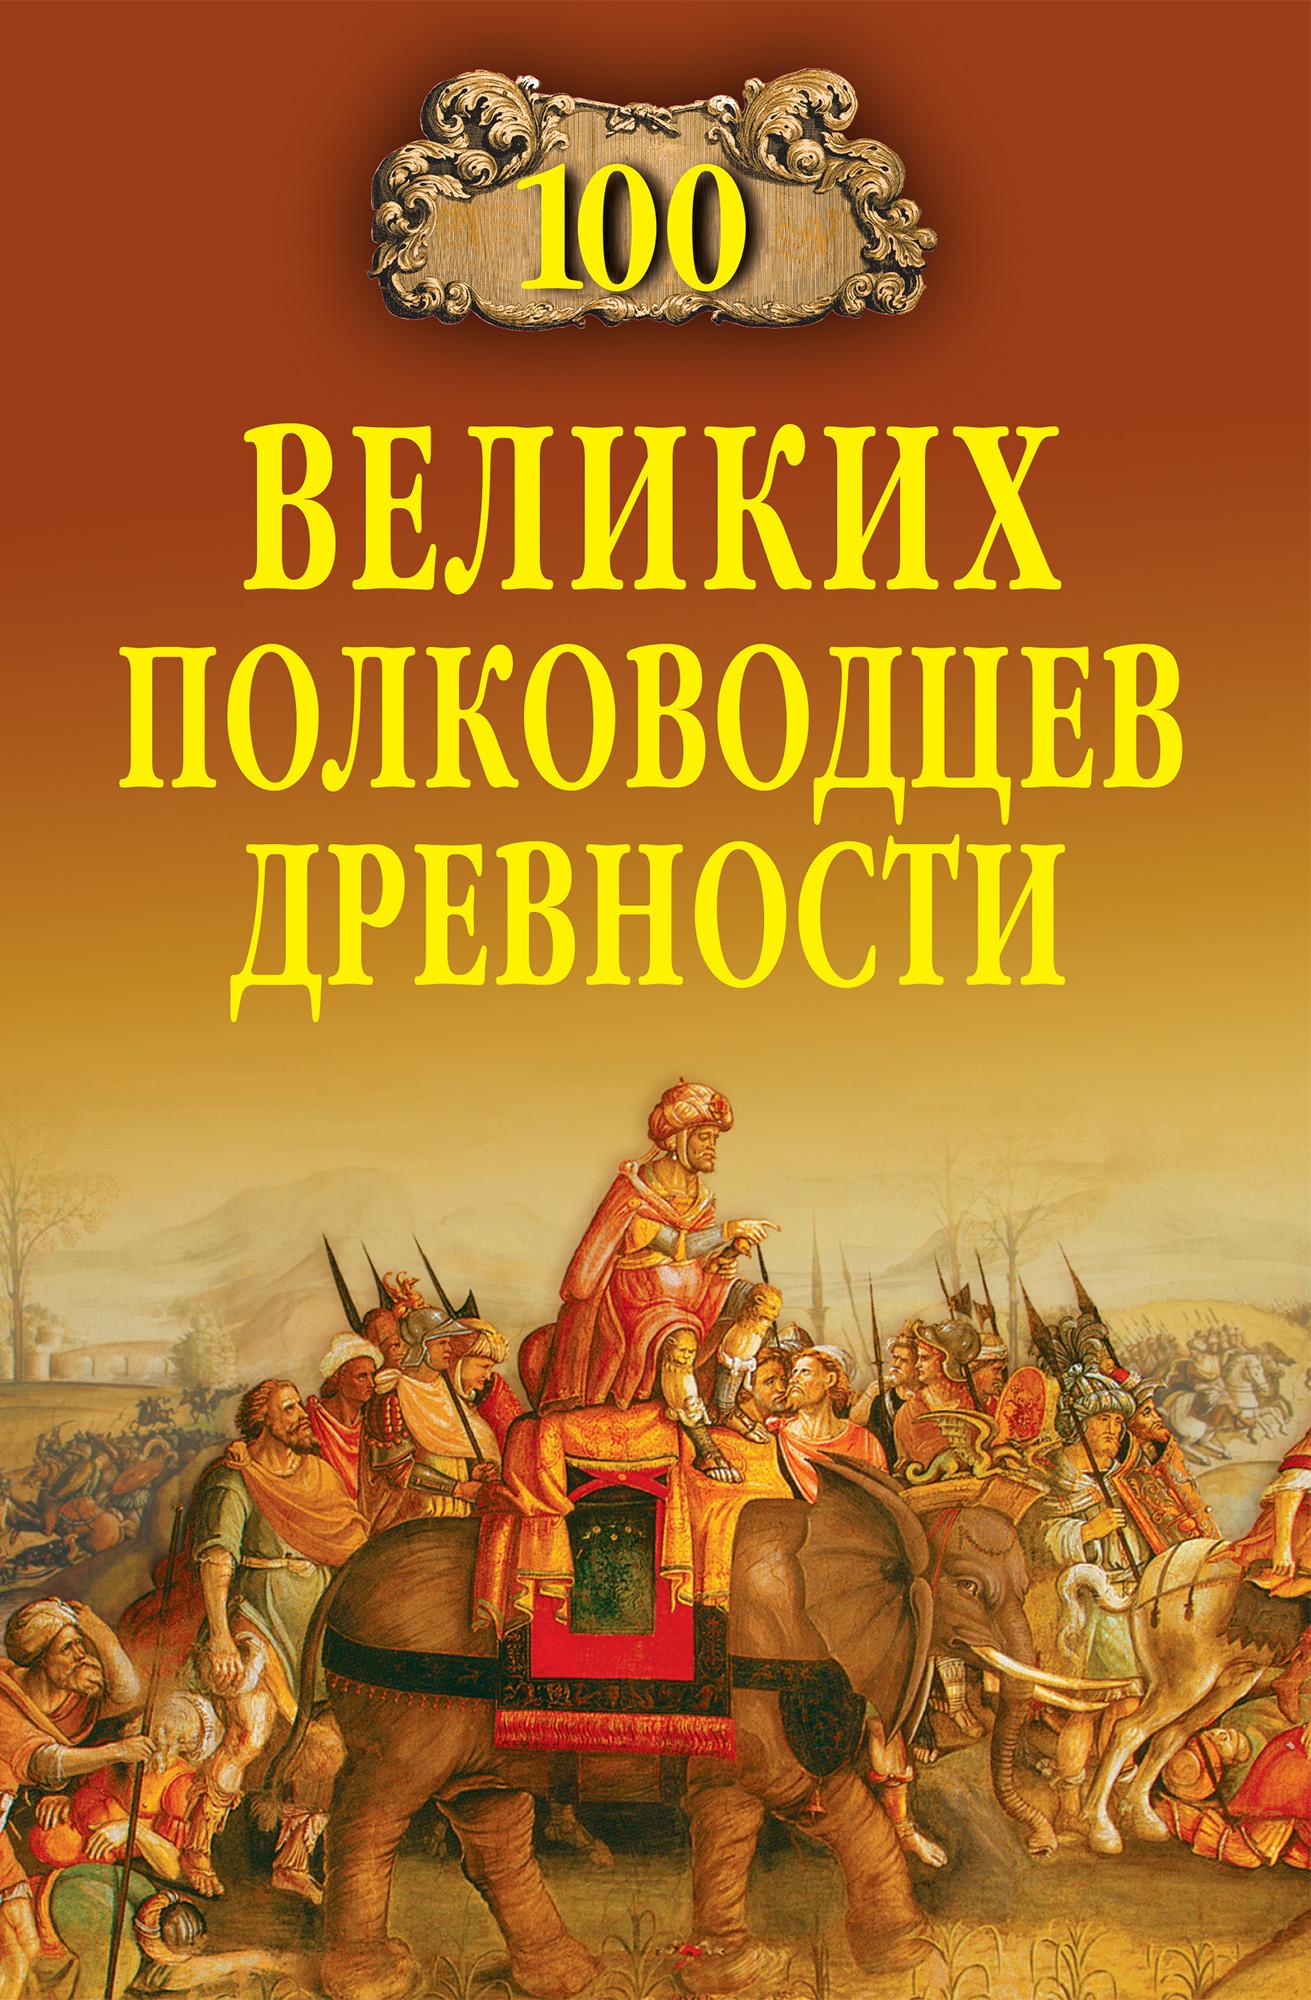 100 velikikh polkovodtsev drevnosti